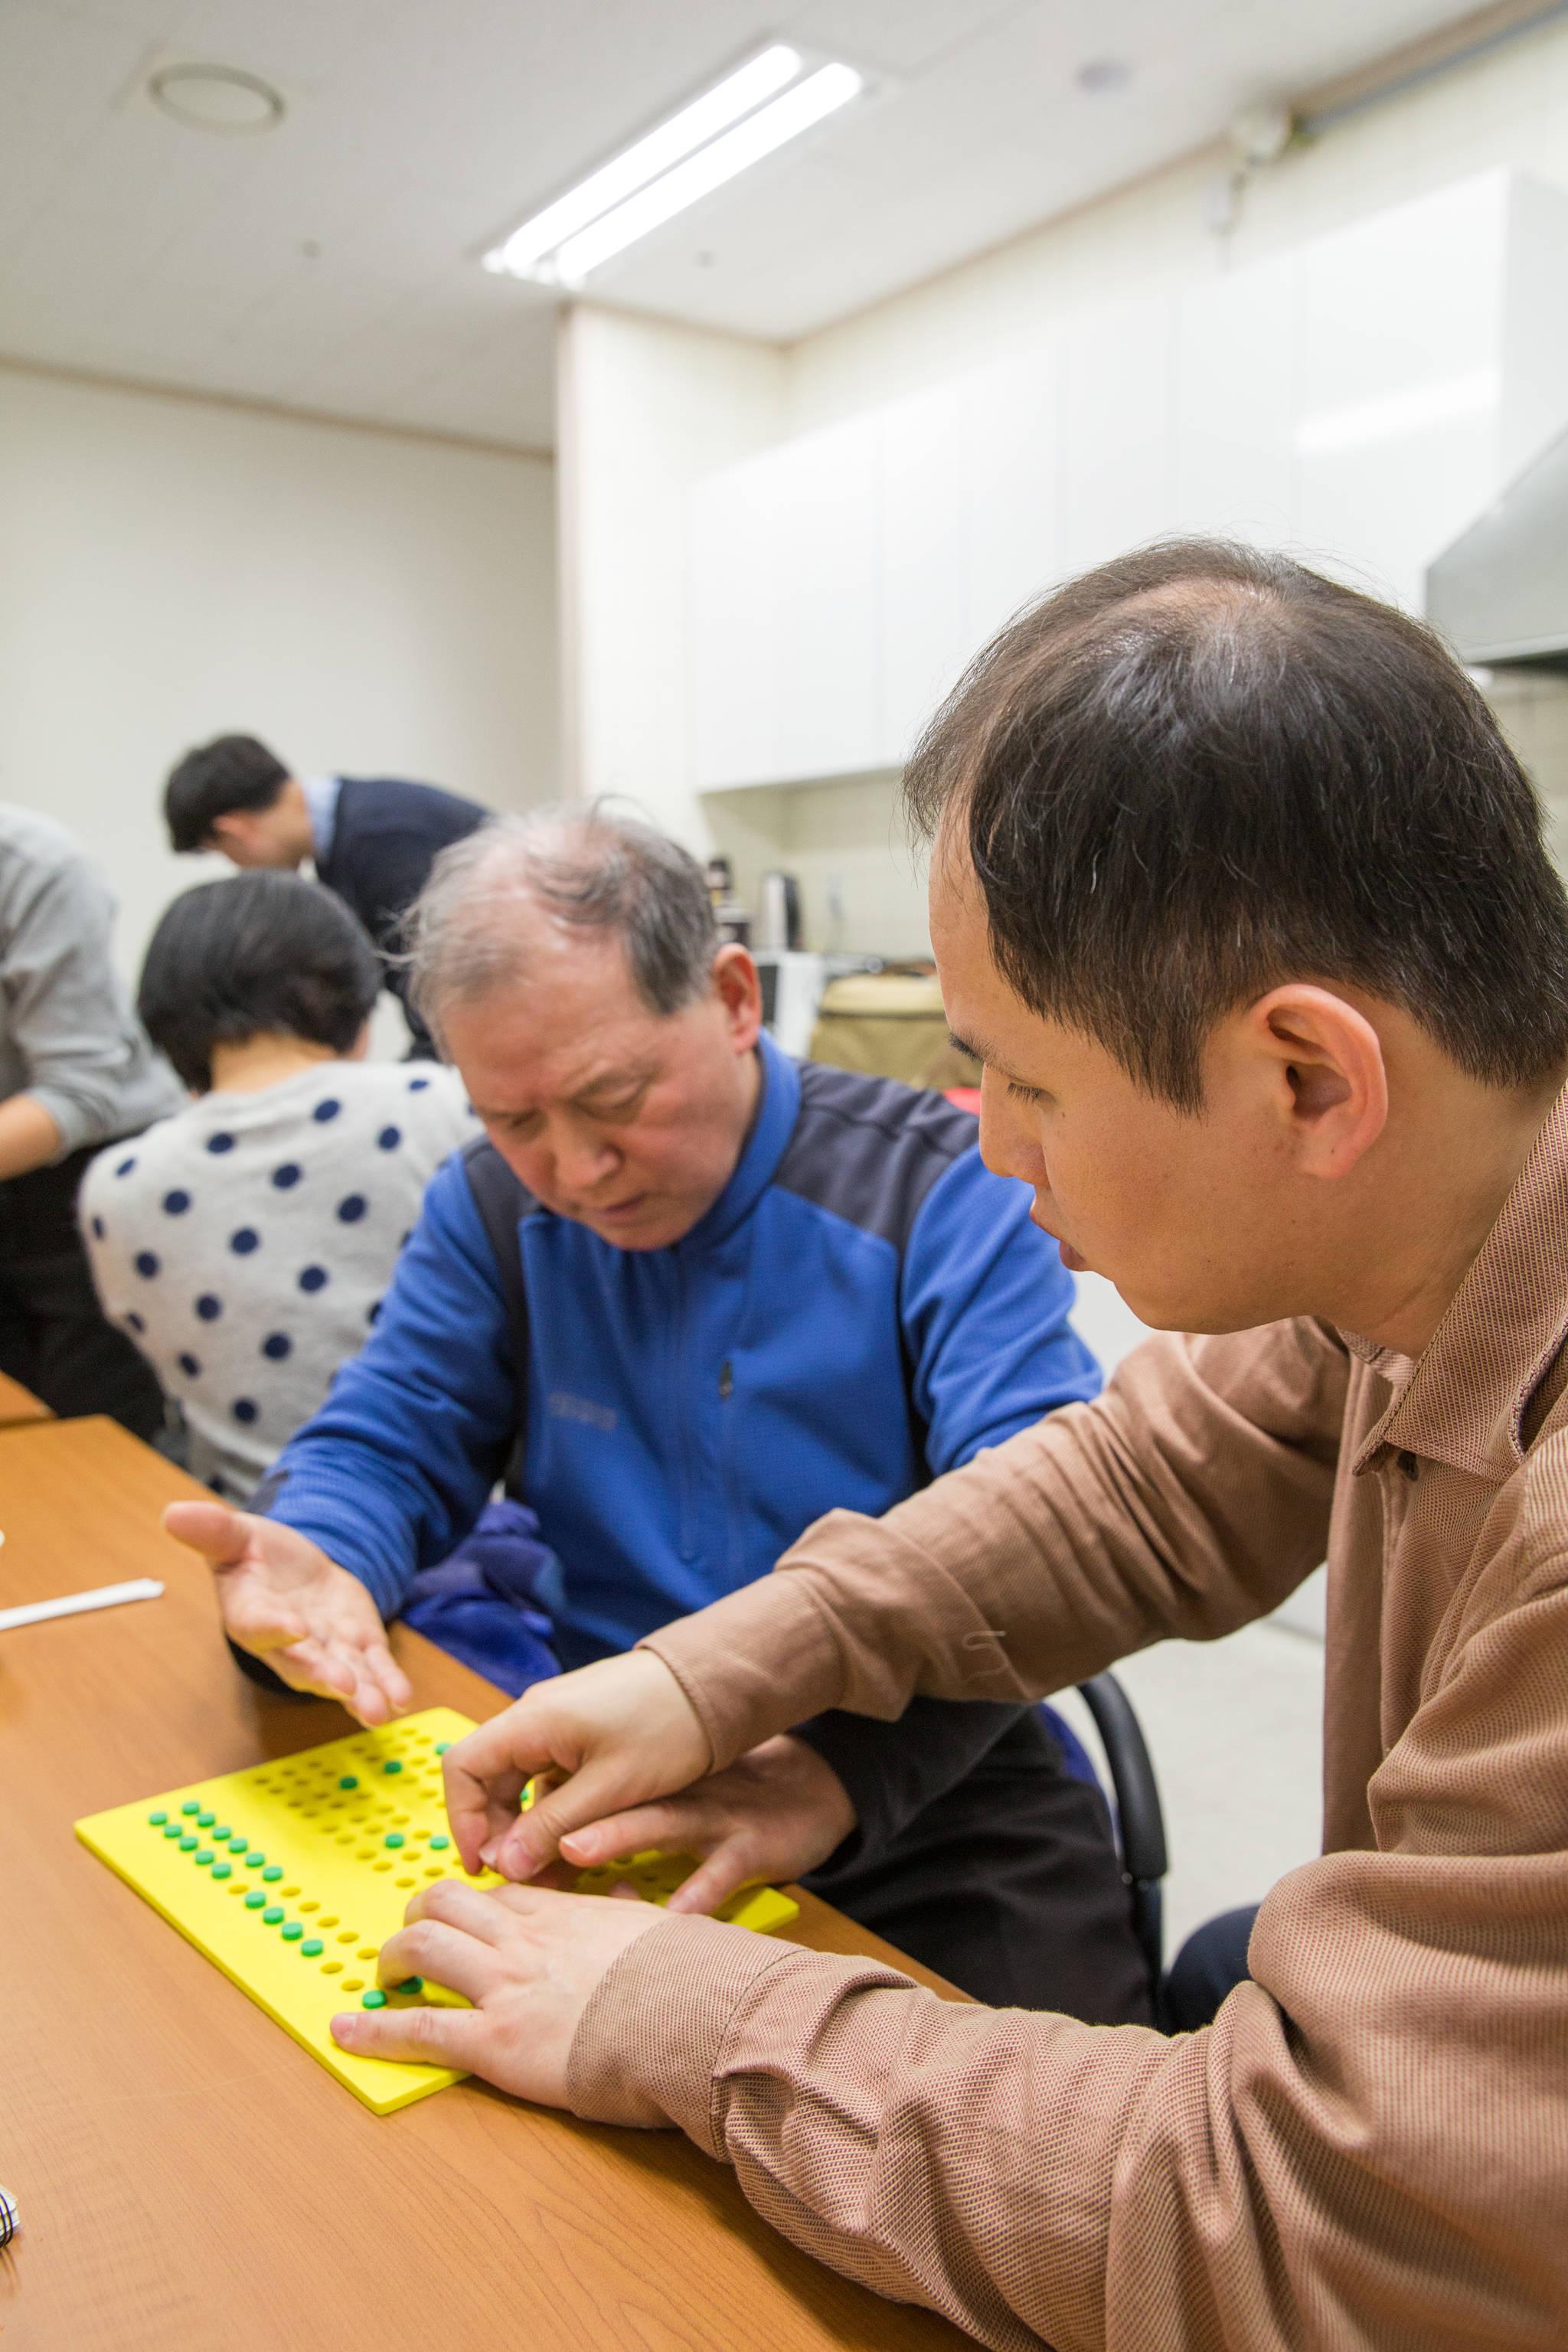 시청각장애인이 서로 점자를 가르쳐주고 배우는 모습. [사진 한국장애인개발원]